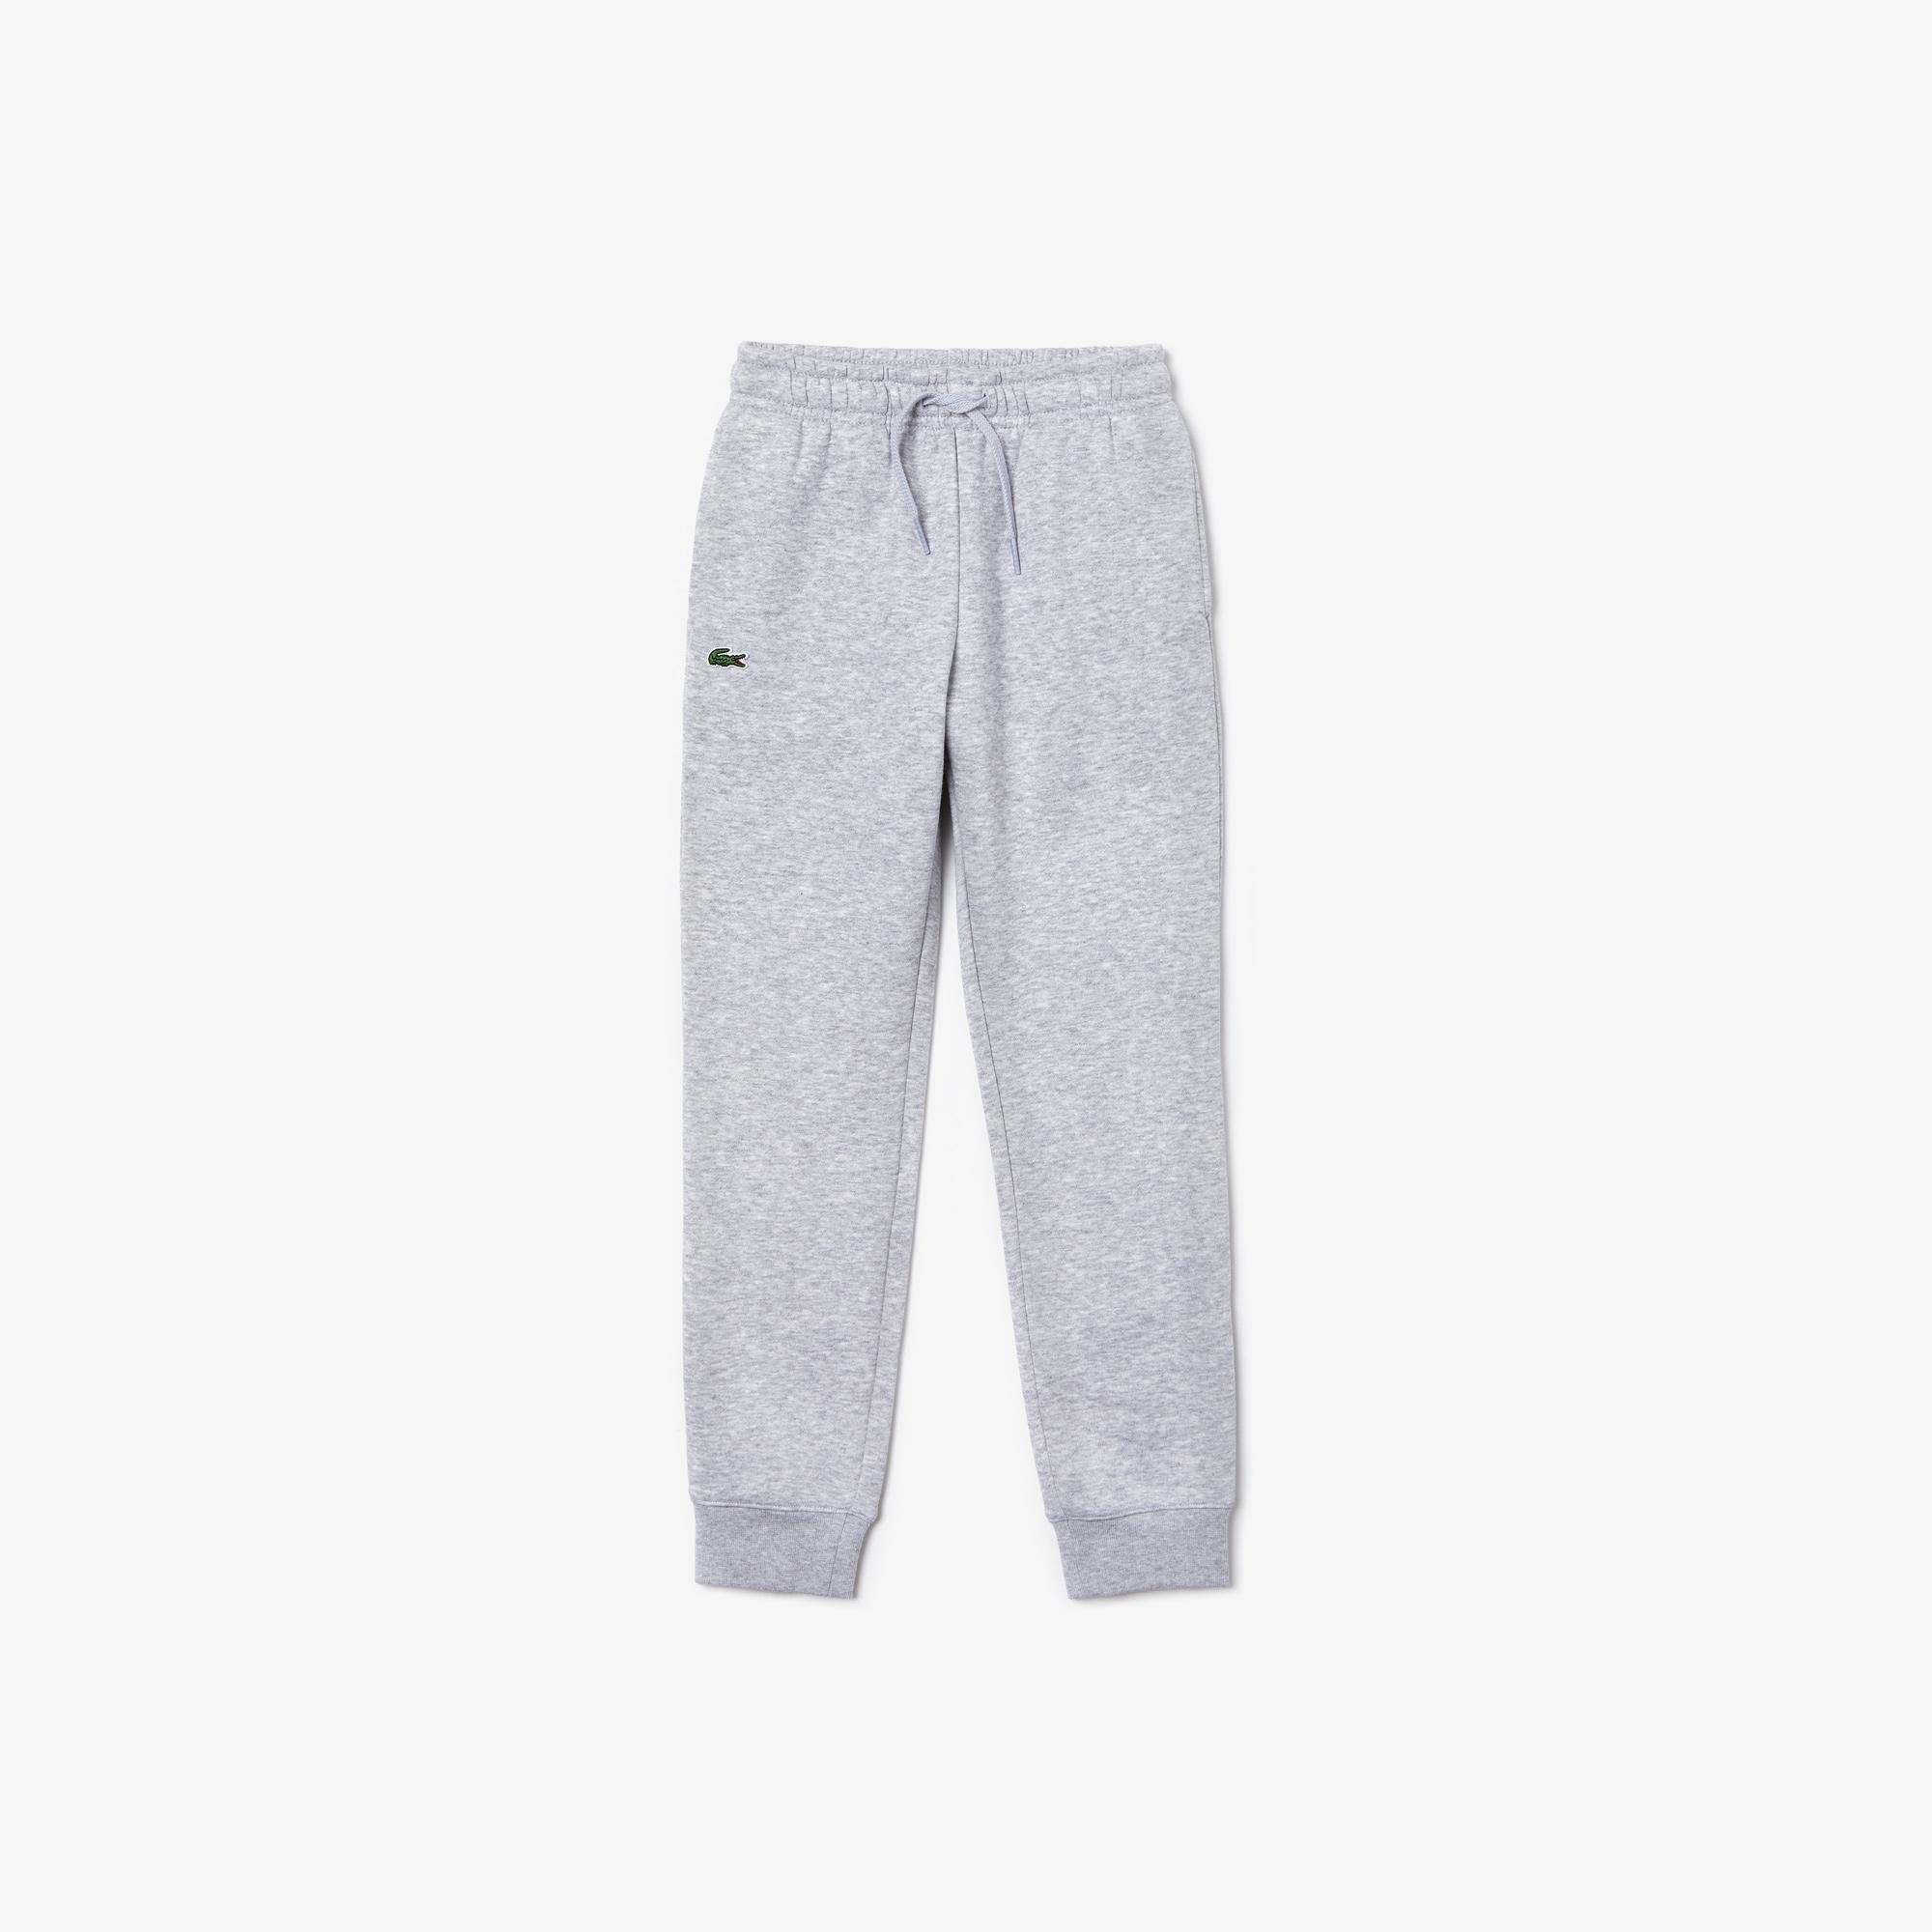 라코스테 보이즈 플리스 스웻팬츠 Lacoste Boys SPORT Fleece Sweatpants,Red - S5H